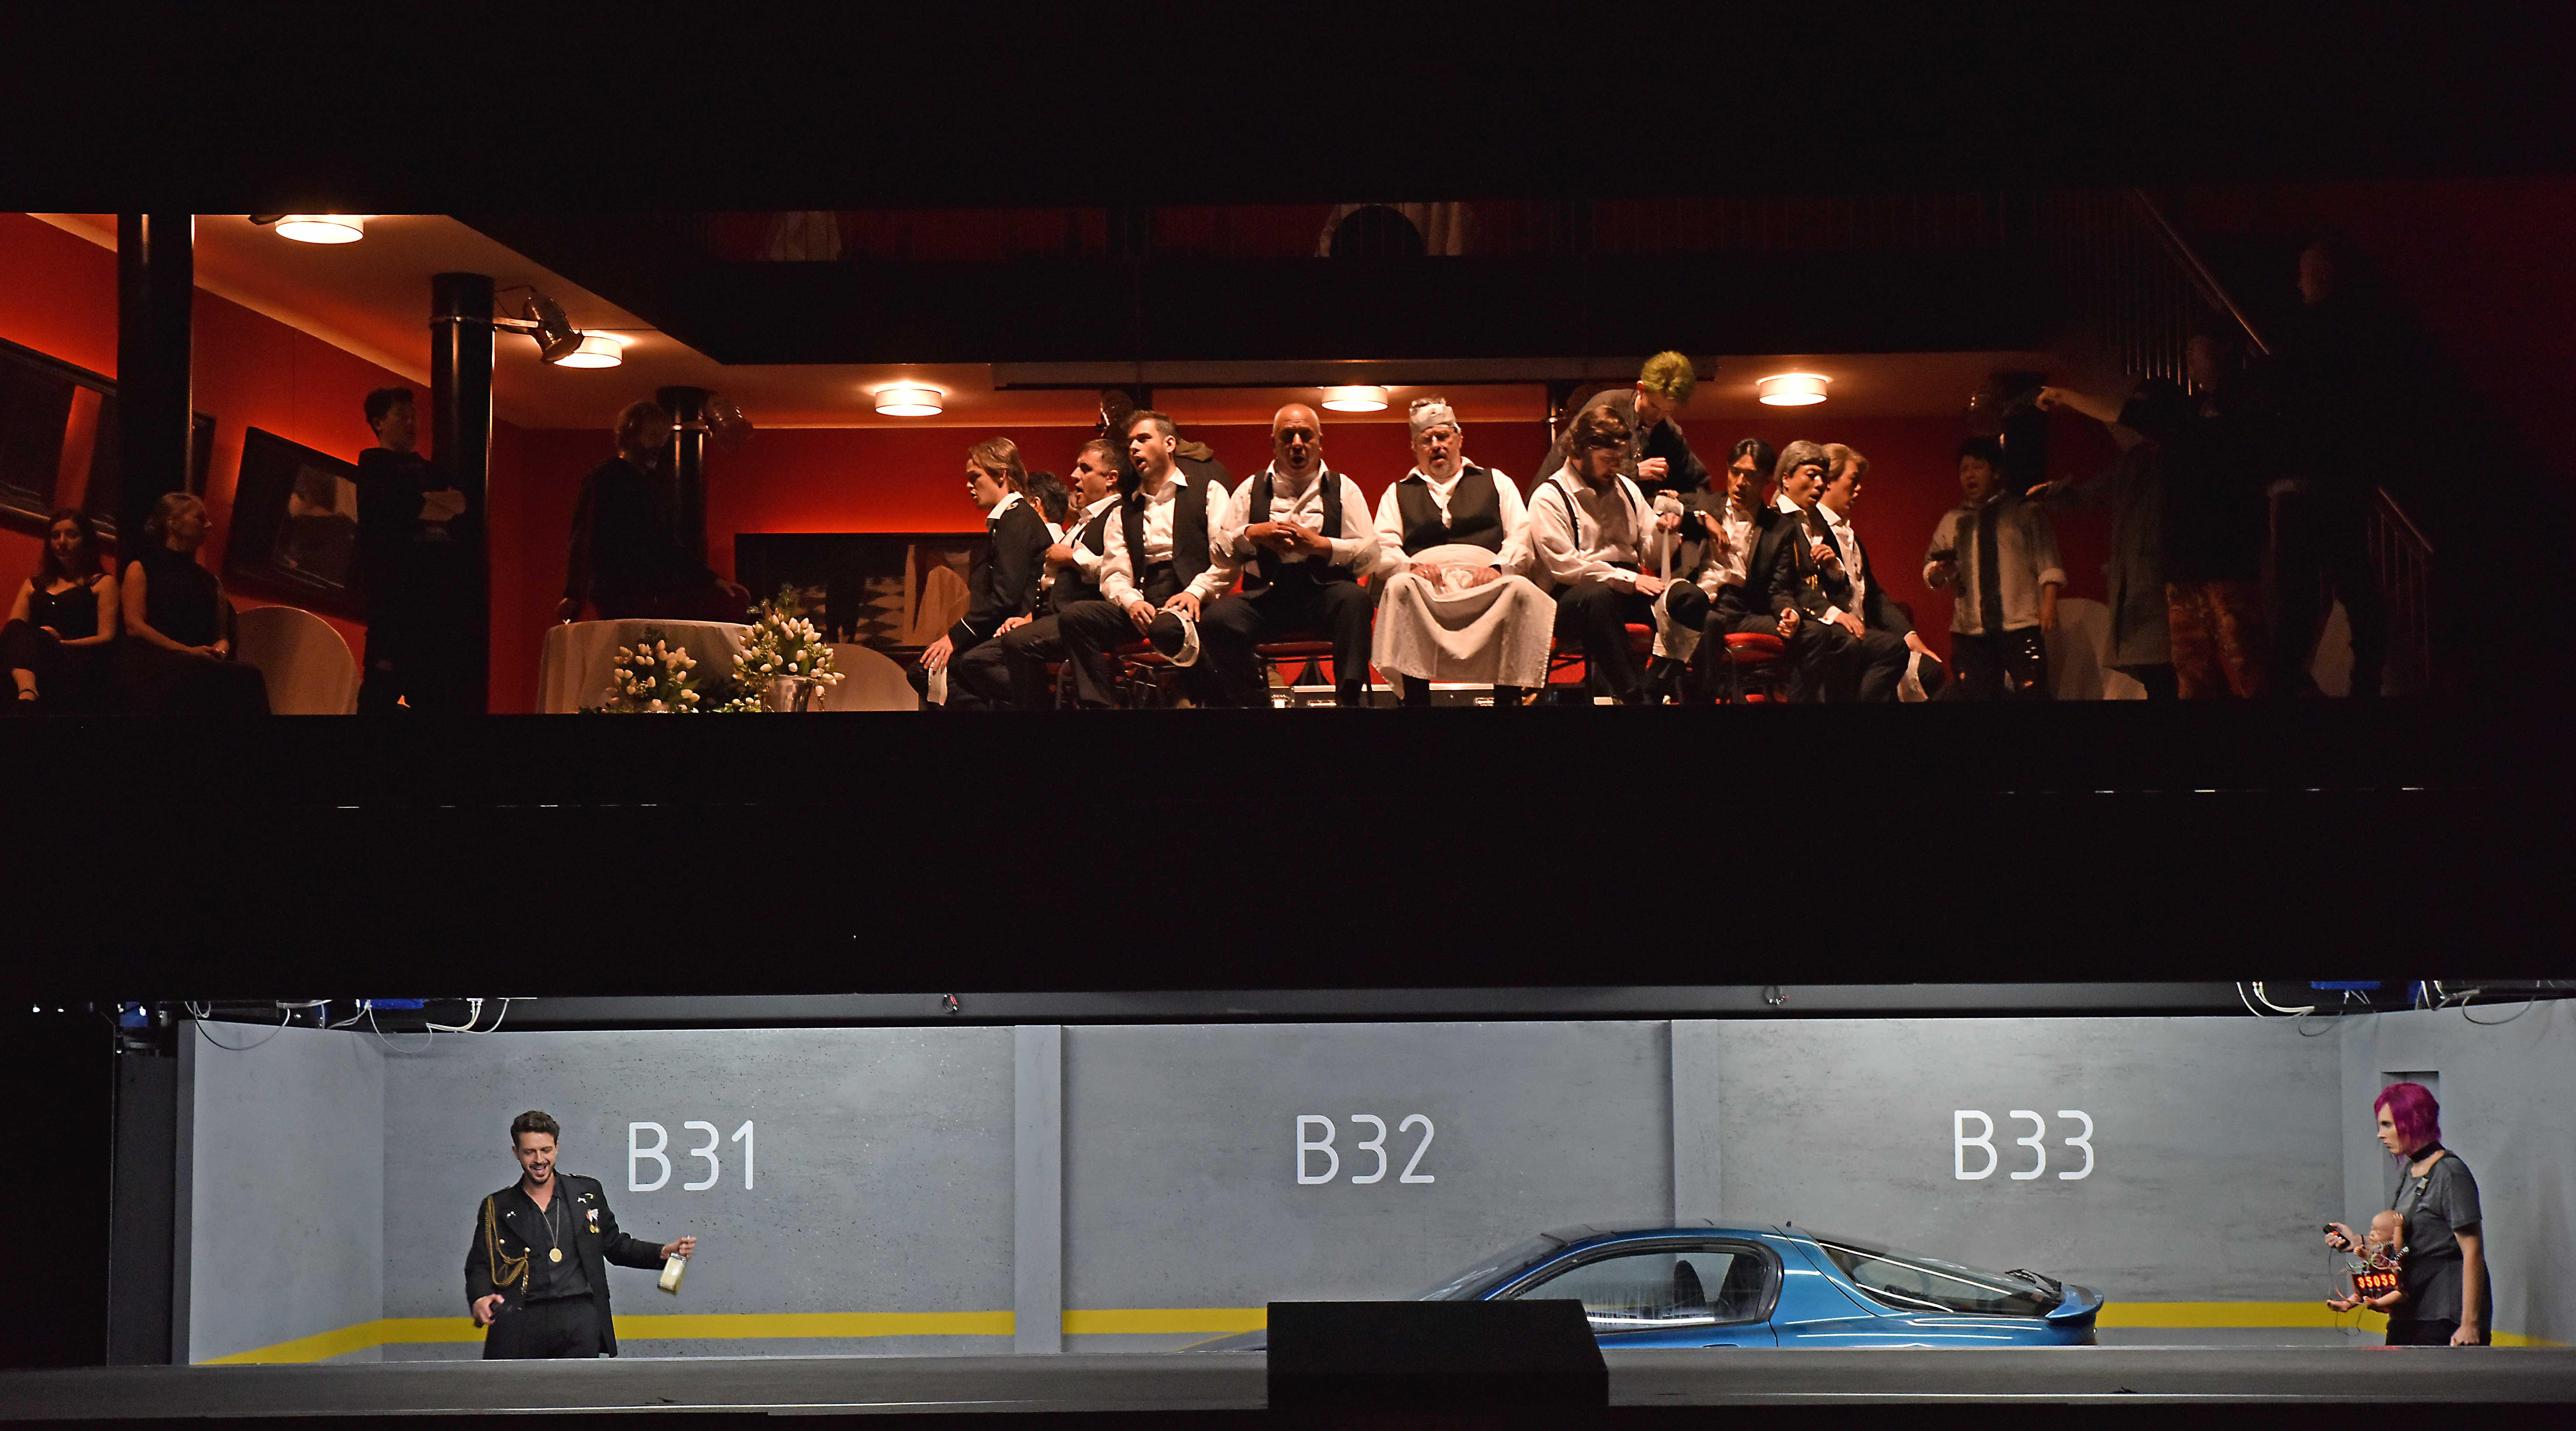 Oper_Faust_Saarlandisches Staatstheater Saarbruecken_szenik